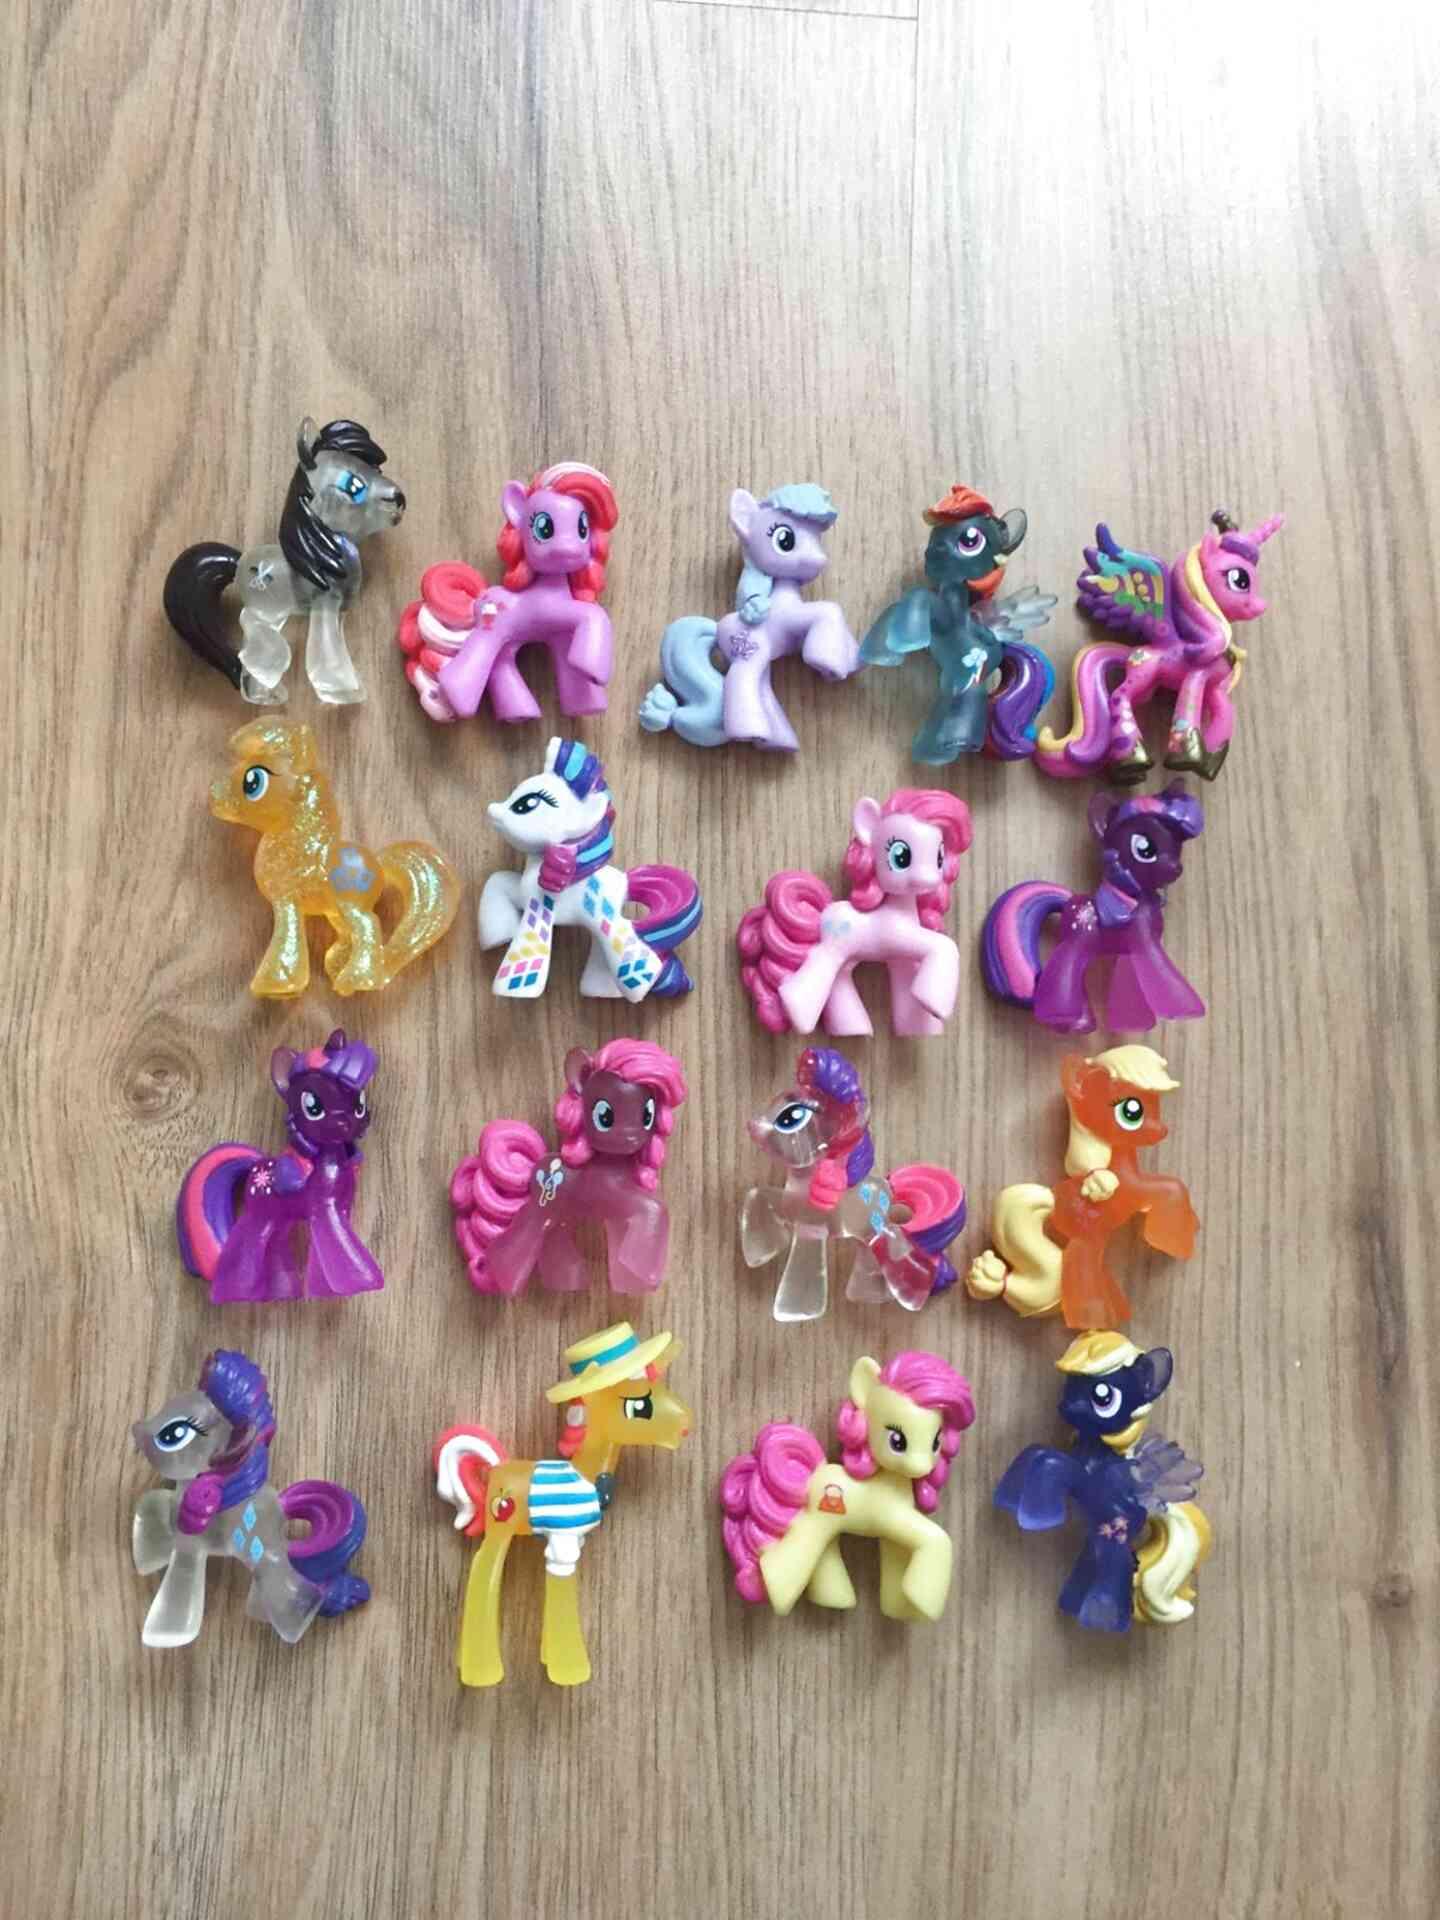 my little pony figuren gebraucht kaufen